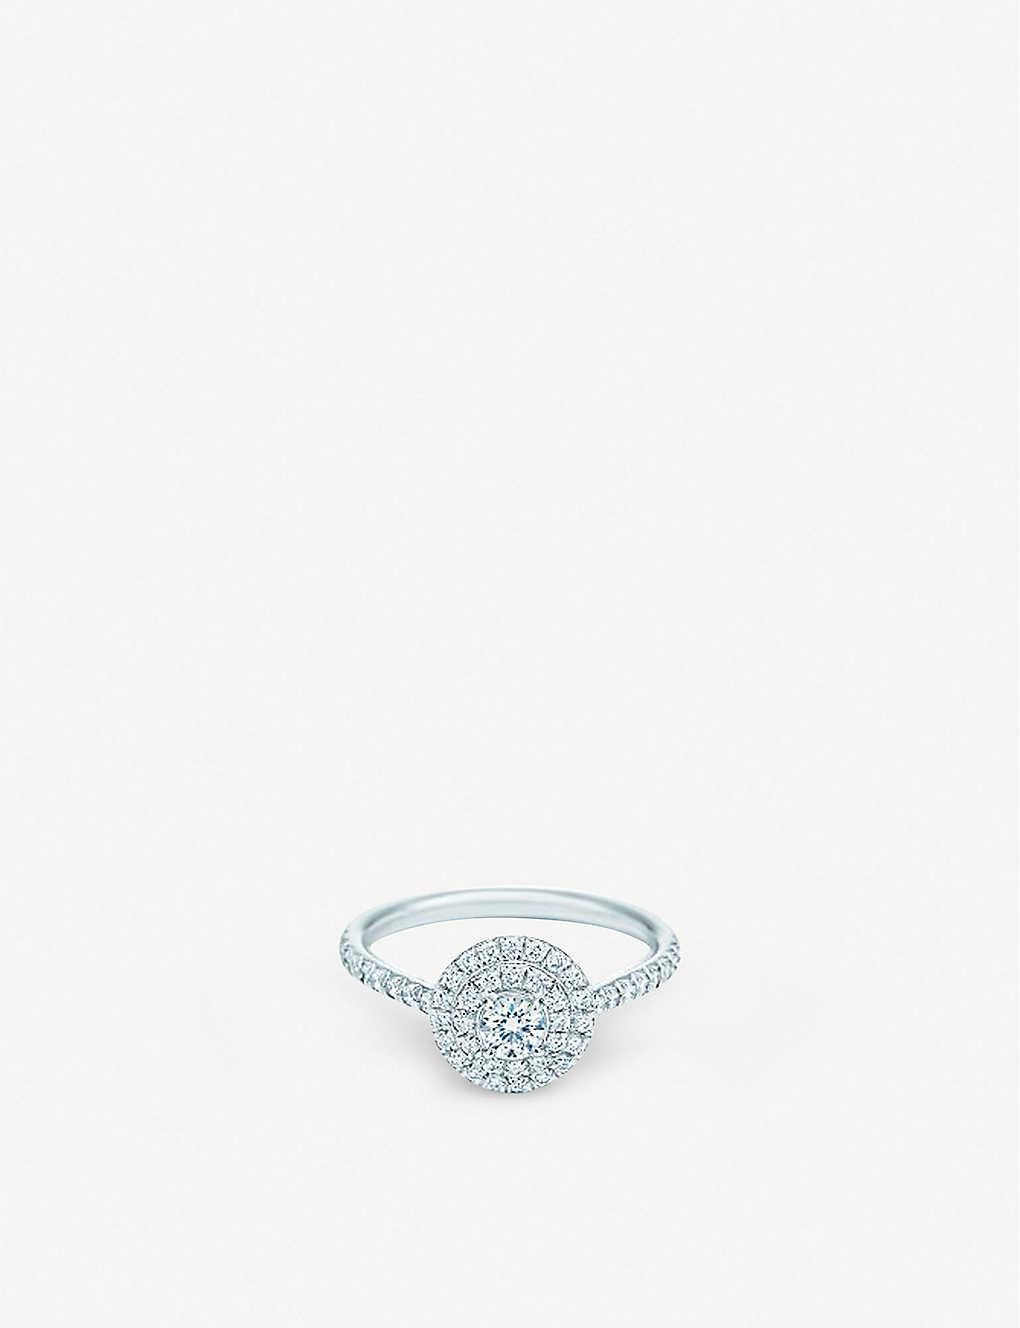 281c8717b TIFFANY & CO - Soleste ring in platinum with round brilliant ...